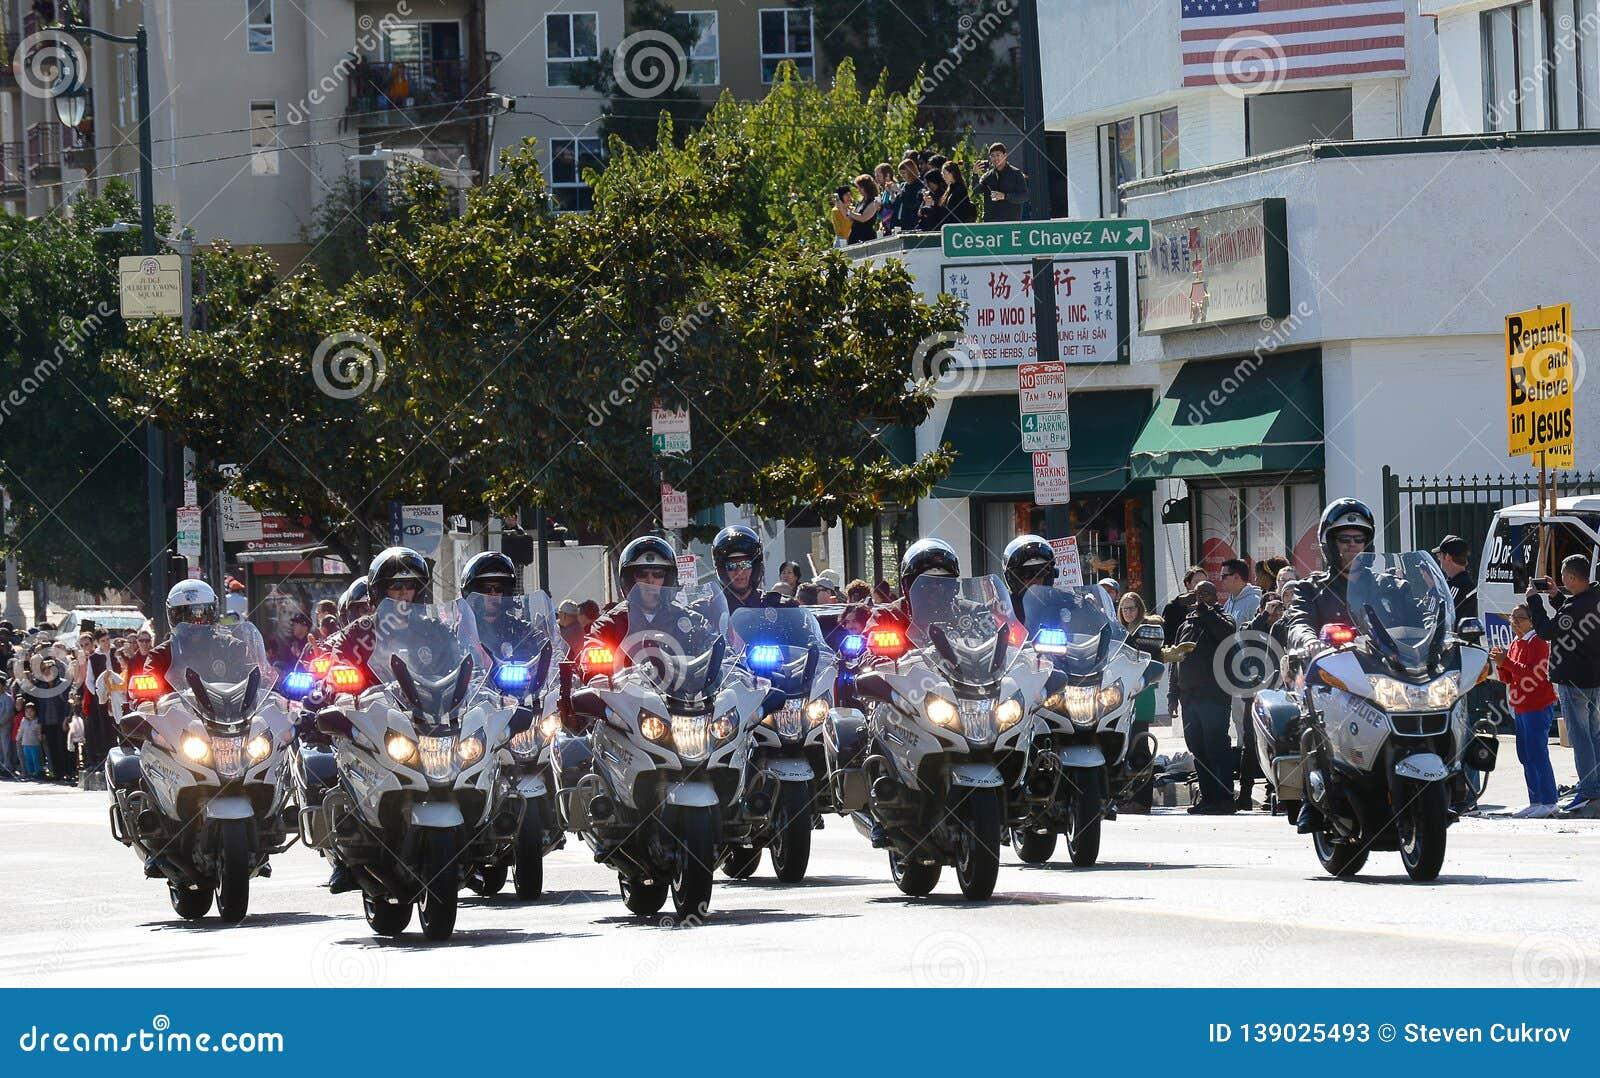 Los oficiales de la motocicleta de LAPD golpean apagado a Dragon Parade con el pie de oro, celebrando el Año Nuevo chino